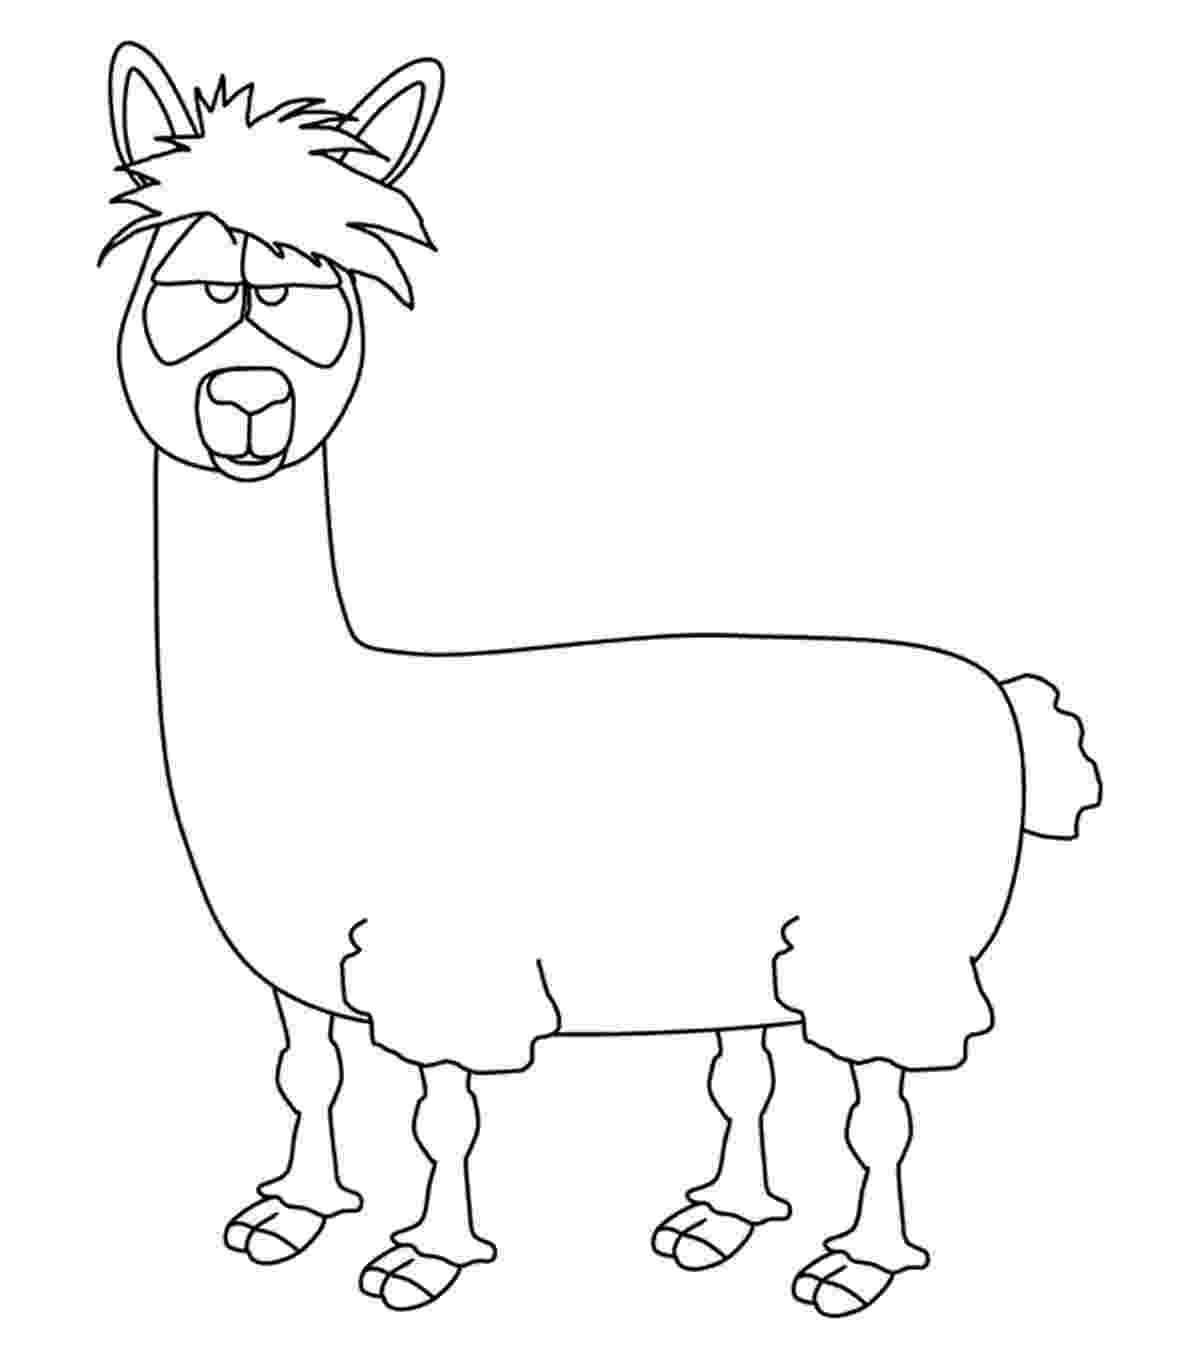 llama coloring page cute alpaca coloring page free printable pages sketch llama page coloring